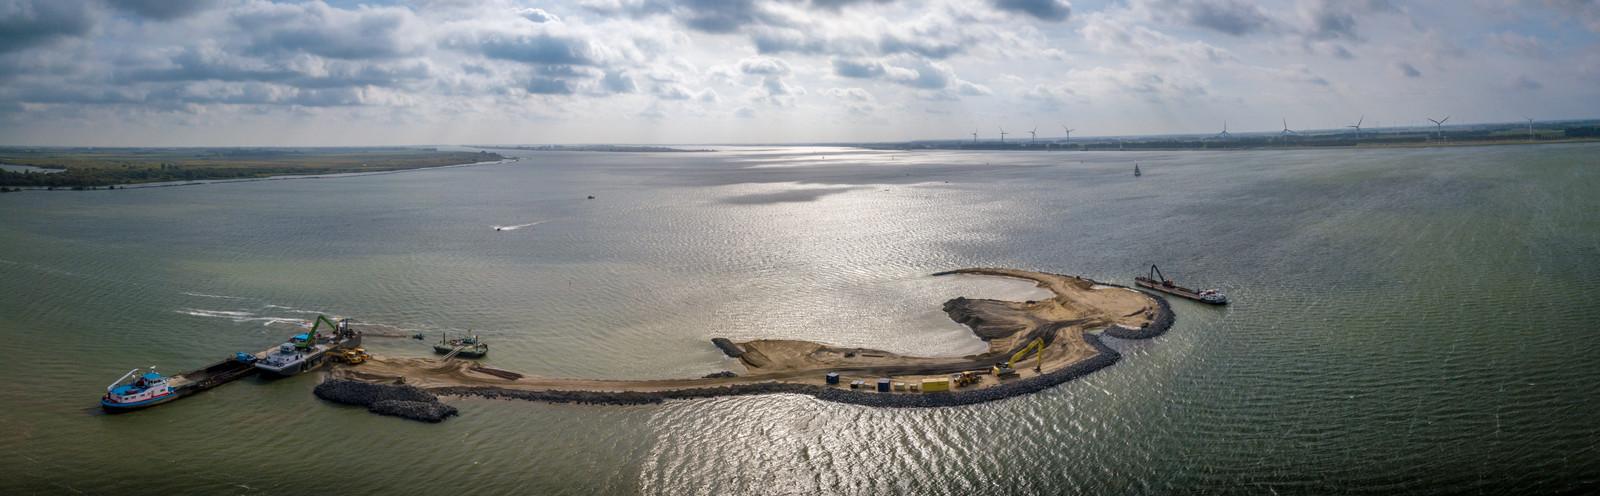 Het natuureiland moet vogels en vissen aantrekken die door het openstellen van de Haringvlietsluizen tussen Stellendam en Hellevoetsluis in het Haringvliet vrij spel hebben.